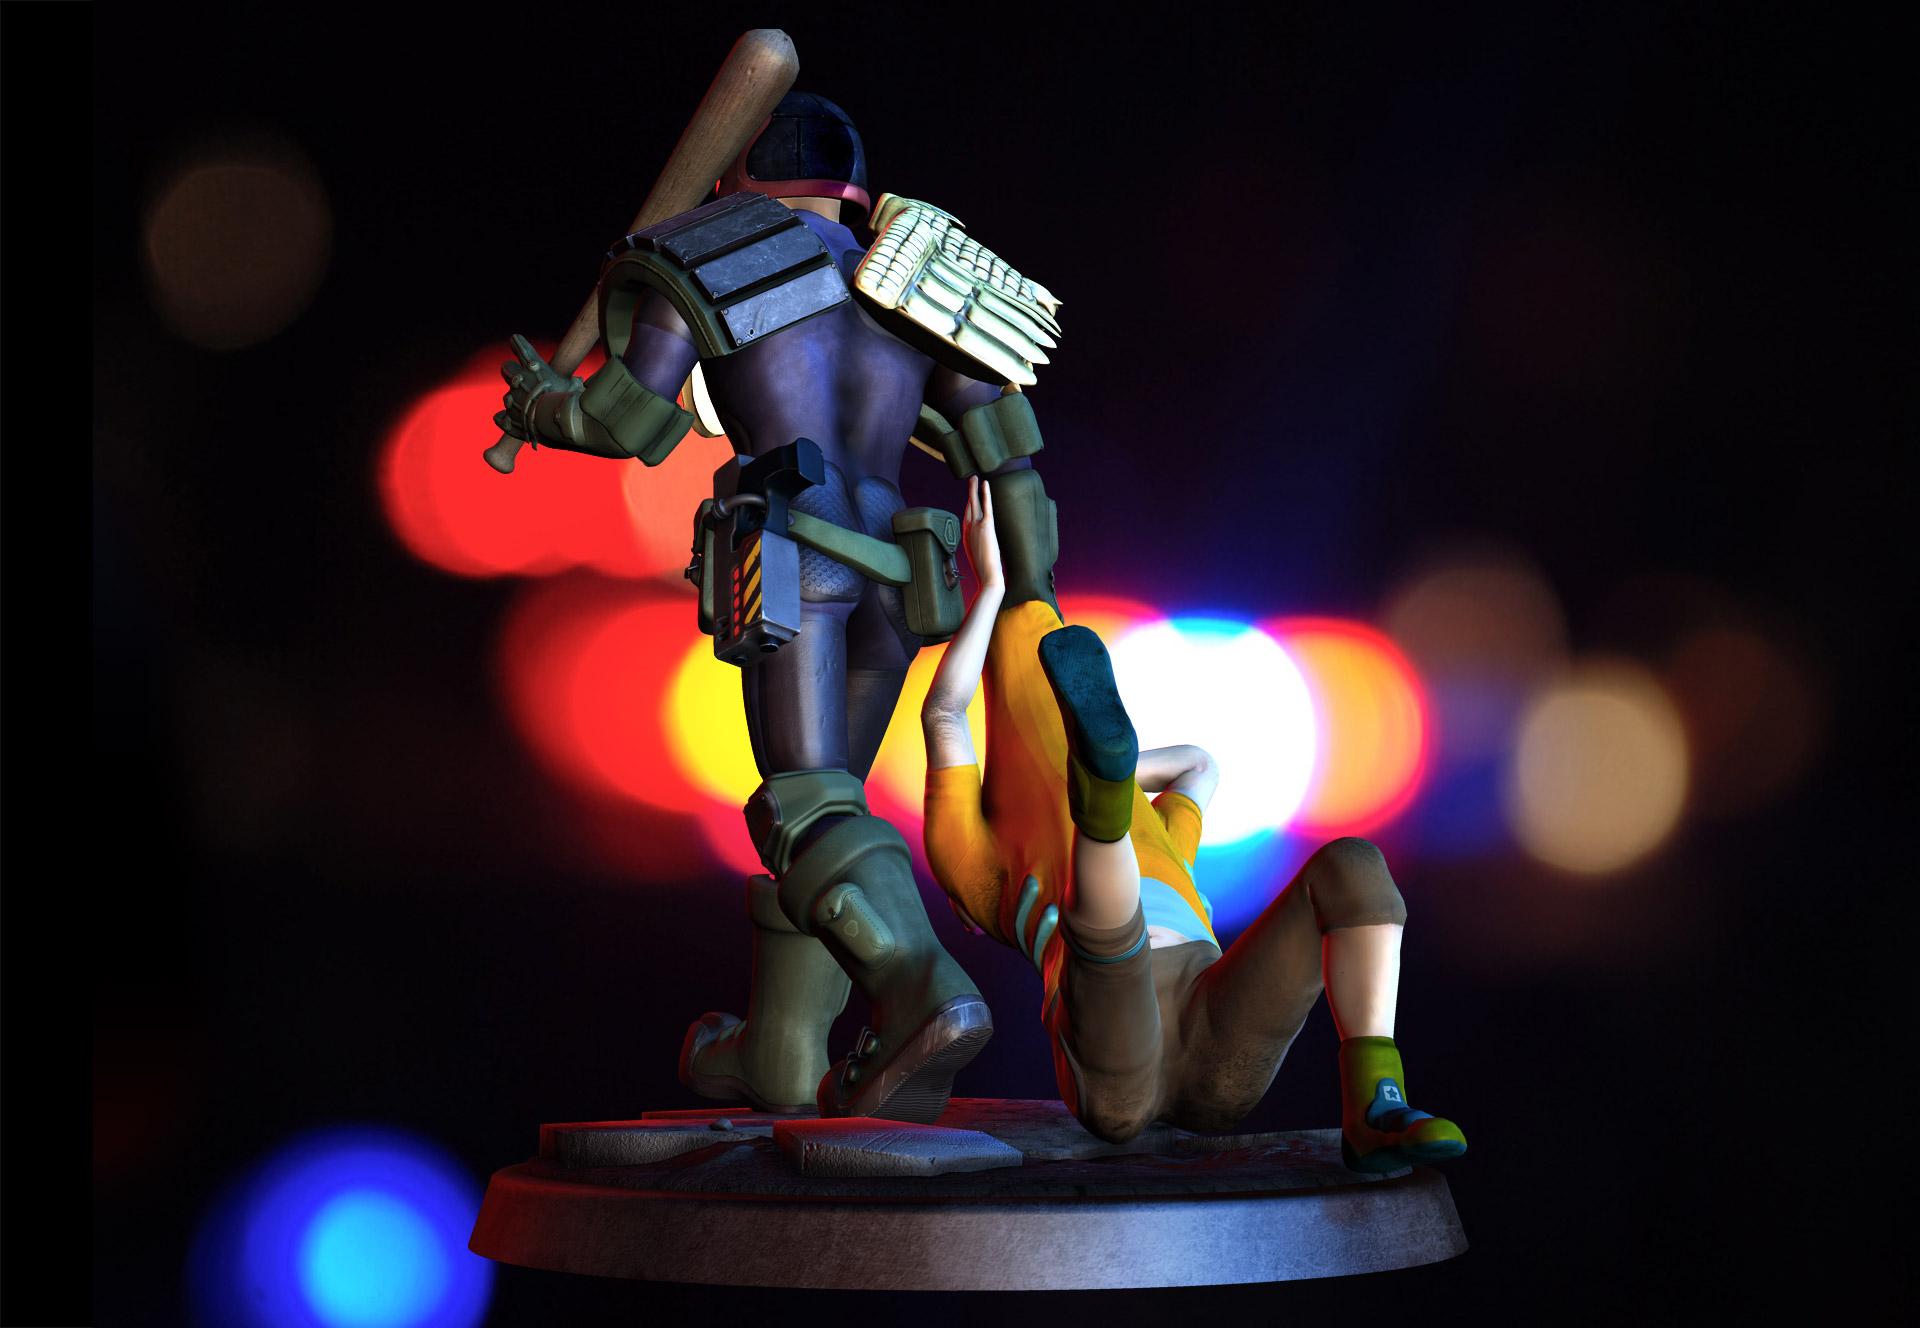 judge_dredd_mudbox_character_sculpt_2.jpg